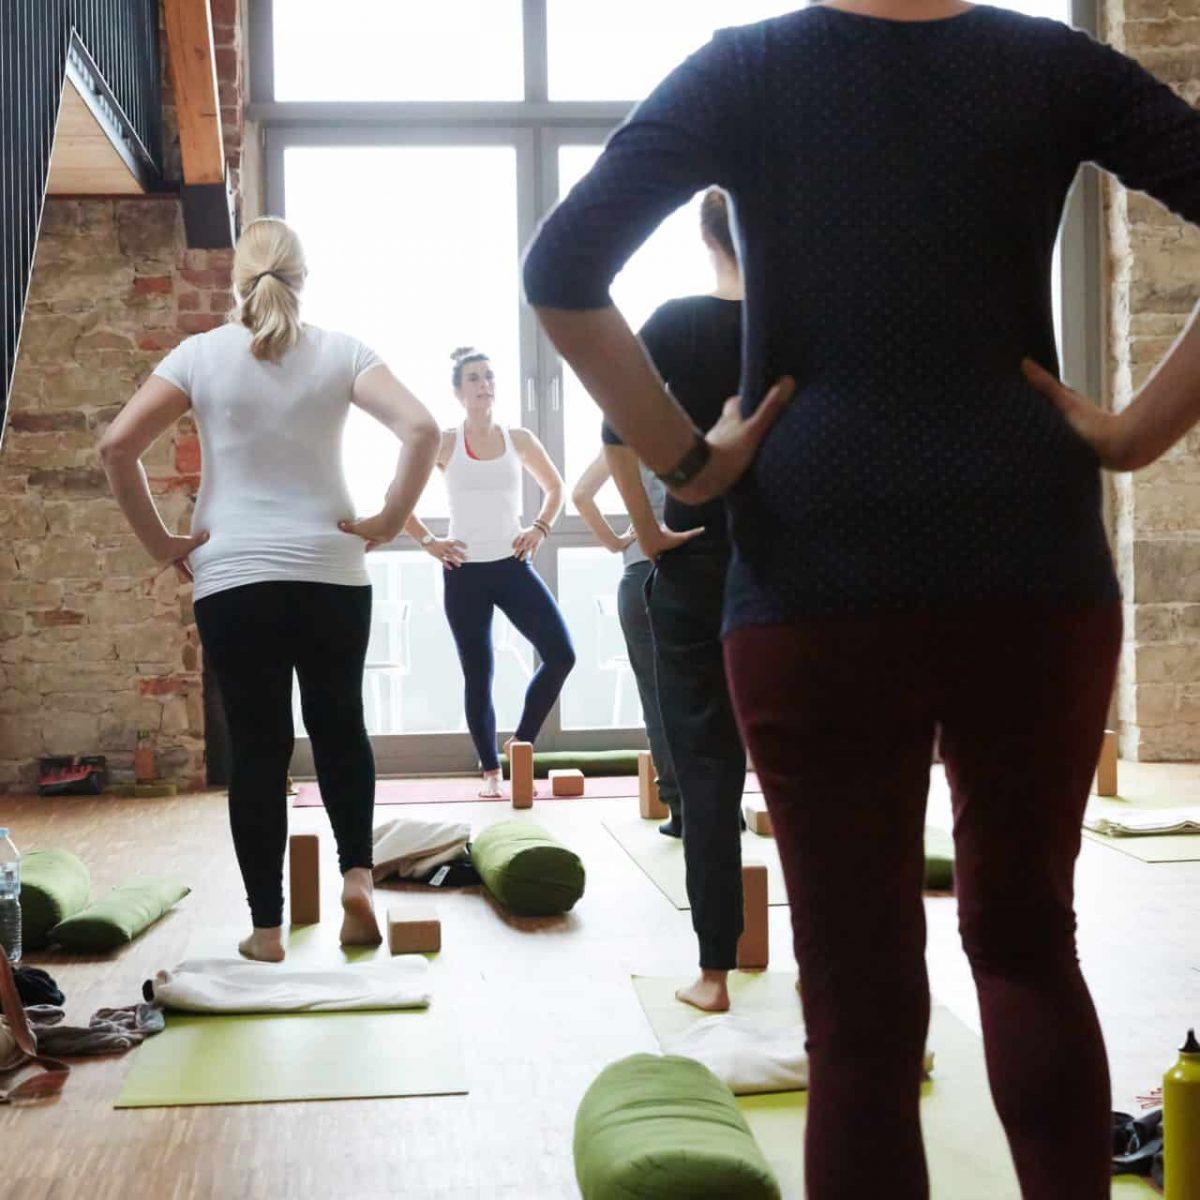 YogaManufaktur_Wuerzburg_Buergerbraeugelaende_Prenatal_Yoga_vor_der_Geburt_in_der_schwangerschaft10